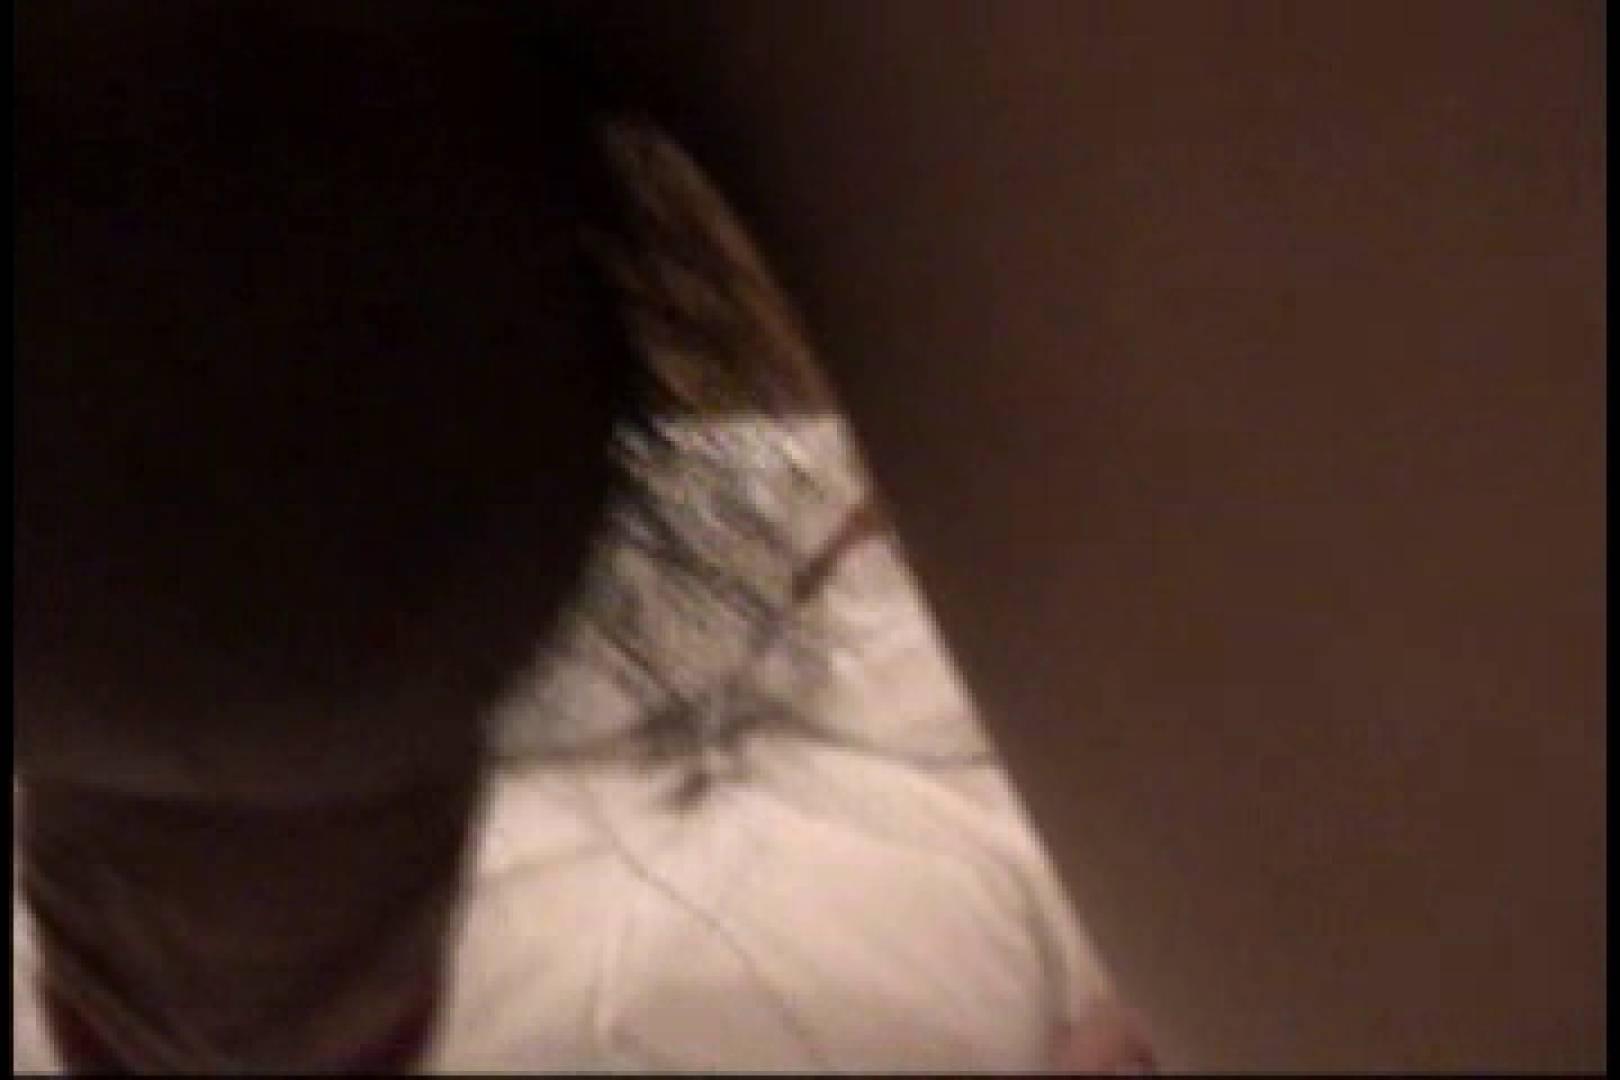 三ツ星シリーズ!!陰間茶屋独占!!第二弾!!イケメン羞恥心File.03 ゲイのオナニー映像 | シコシコ  105枚 8